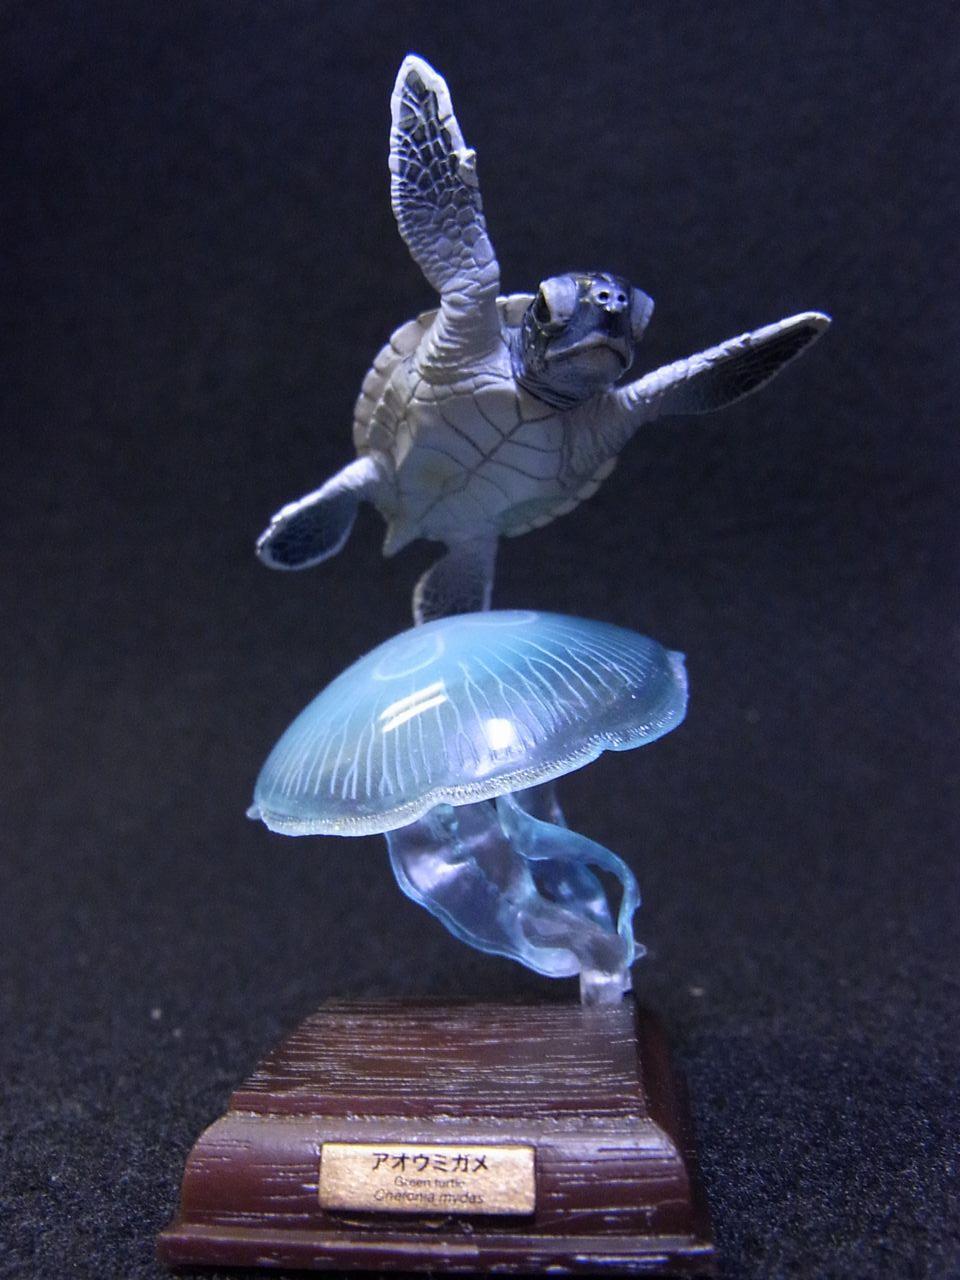 ネイチャーテクニカラー,アオウミガメ